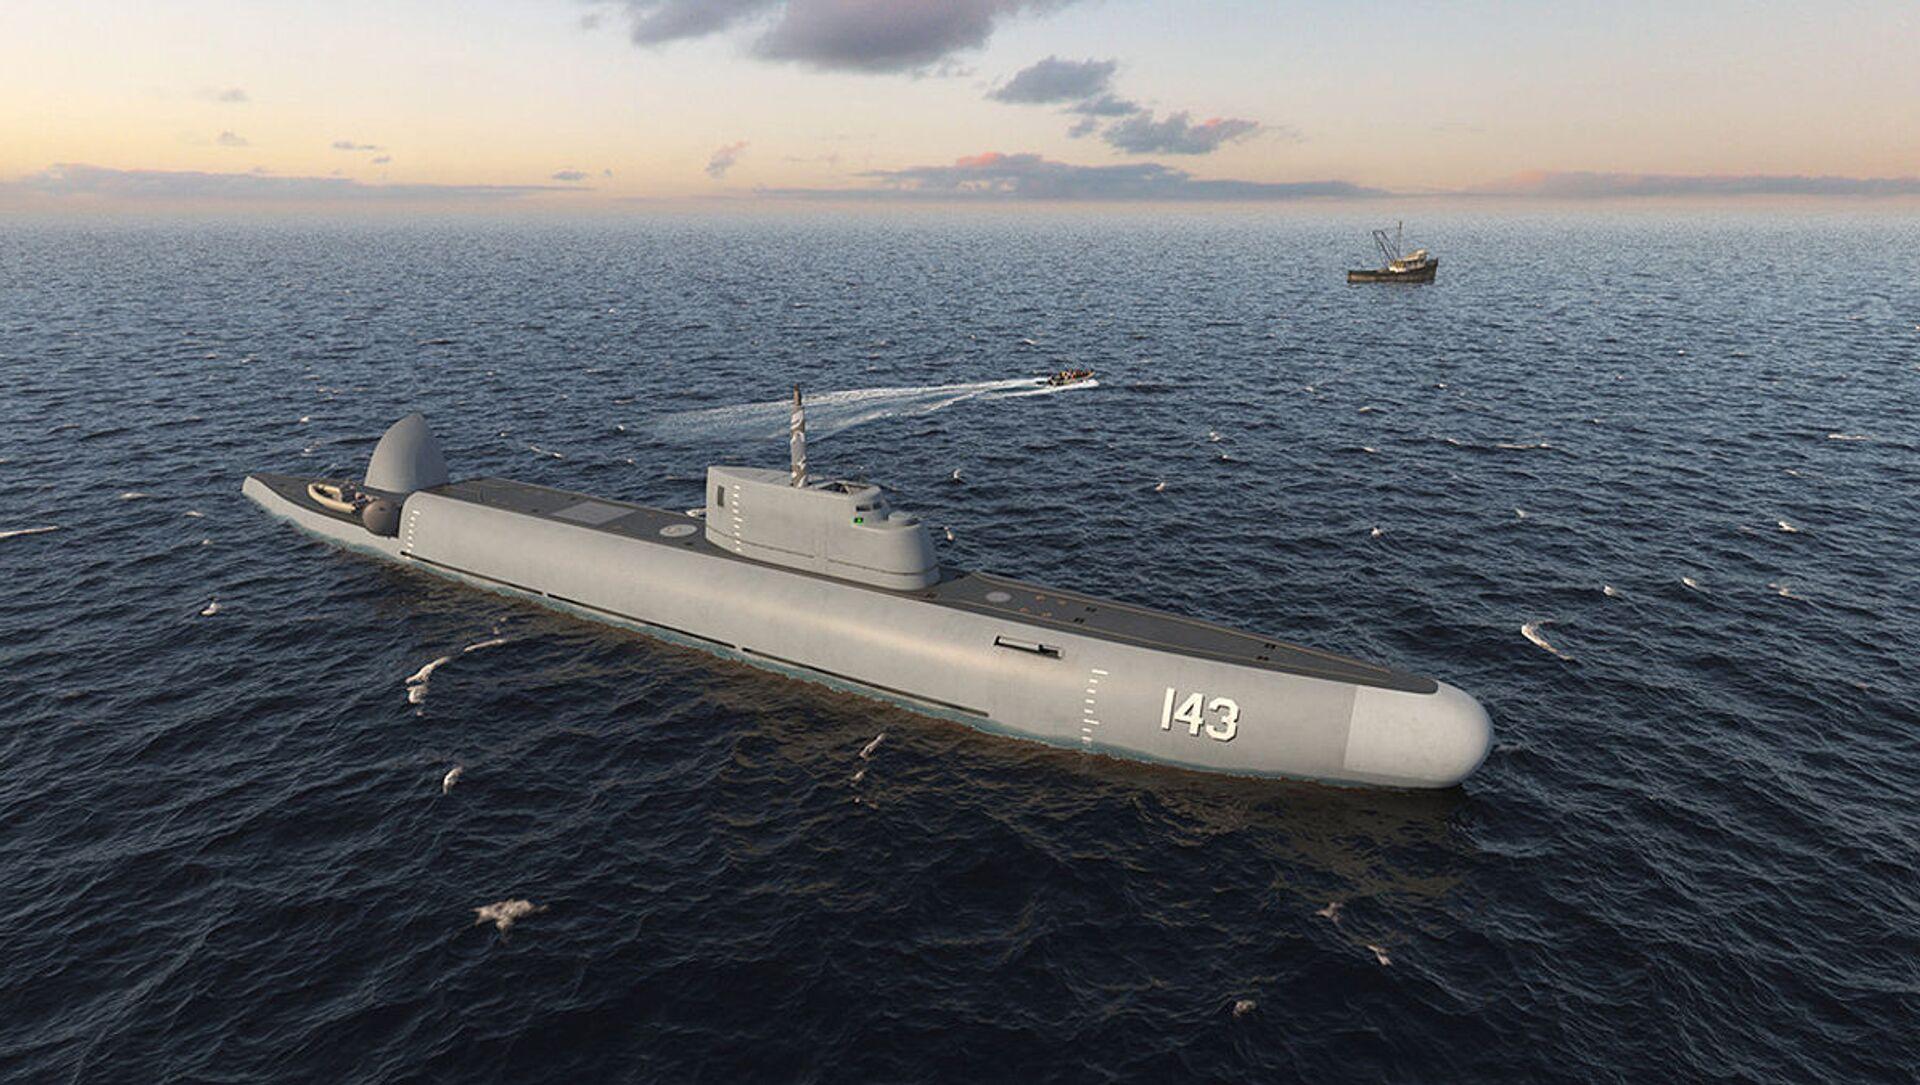 ロシア、潜航哨戒艦の開発を発表 - Sputnik 日本, 1920, 16.04.2021